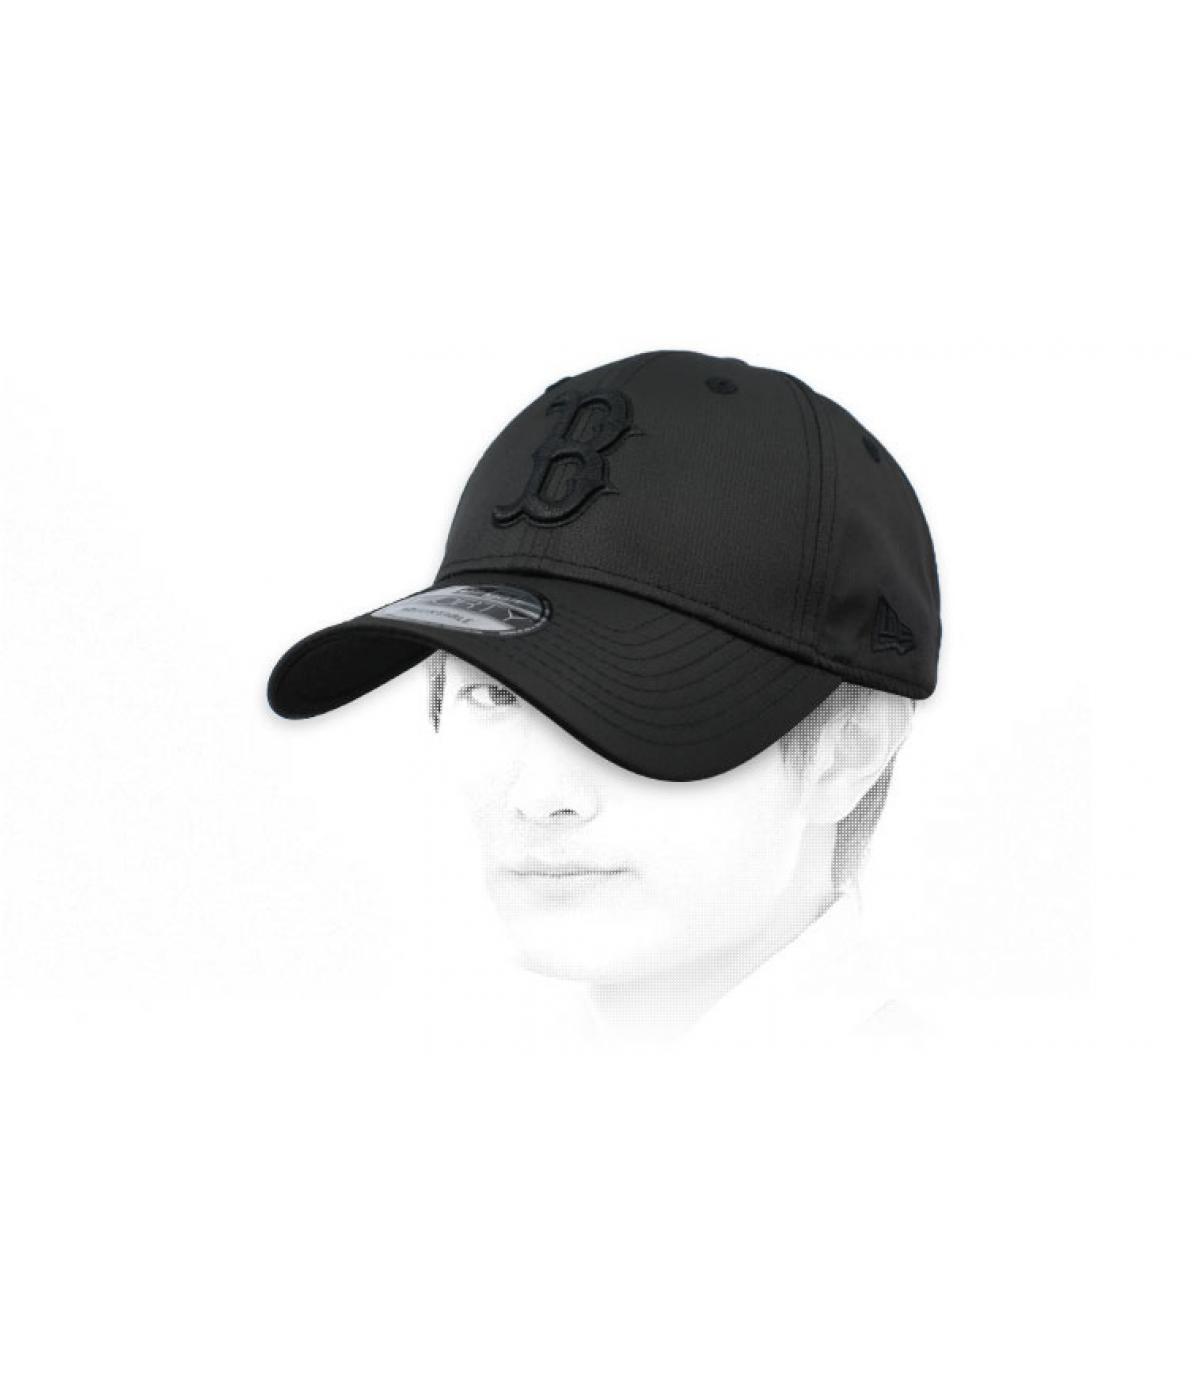 cap B zwarte ripstop